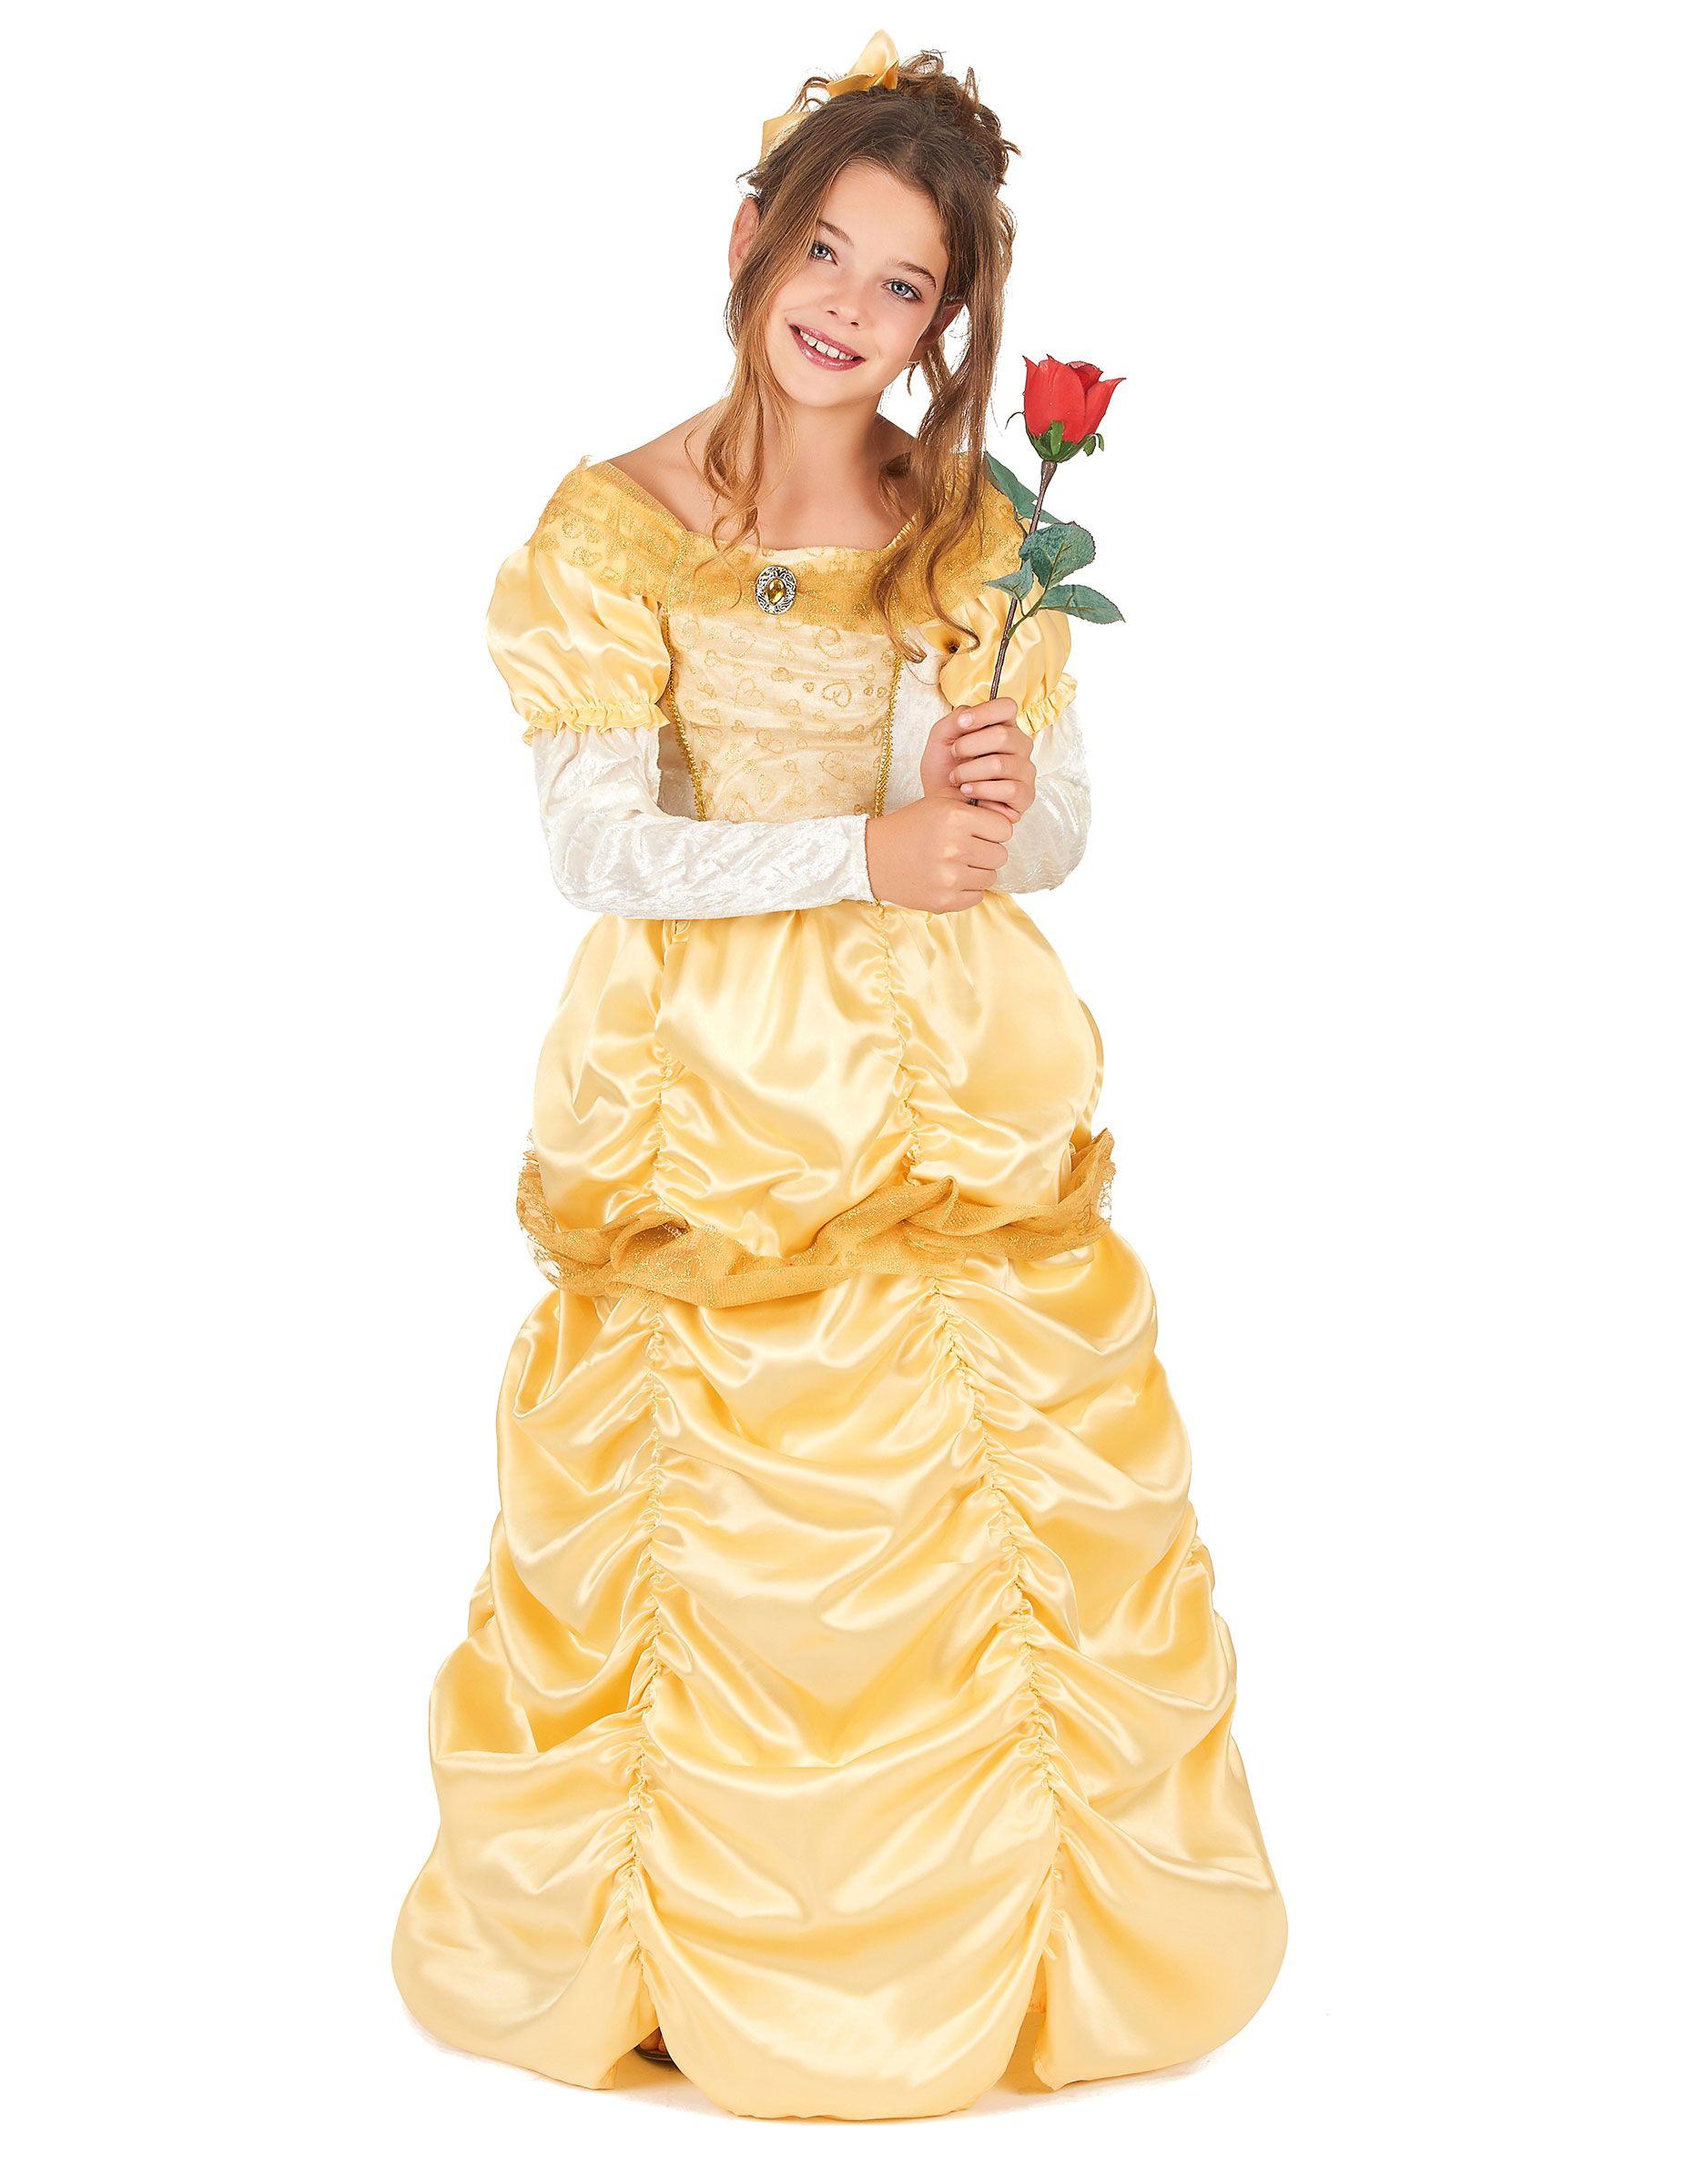 283e76097294 Costume da bella principessa in giallo per bambina E decine e decine di  costumi da principesse